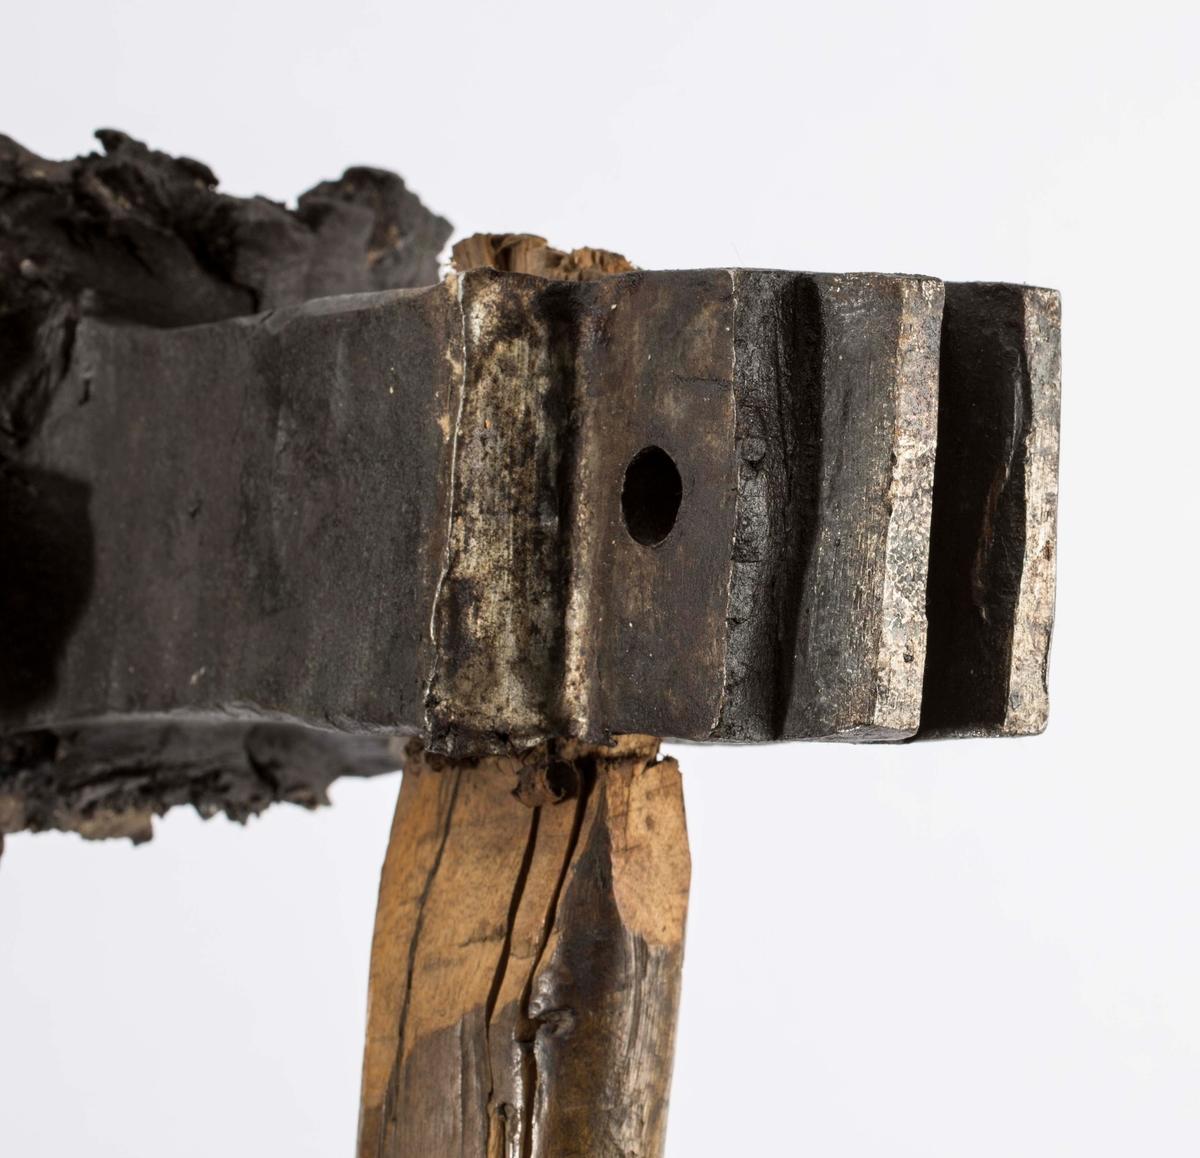 """""""Bruktes til å slå not og fjær i planken som bruktes til vannsumper. Not og fjær passet til hinannen da vannet kom til svellet de ut og ble helt tette."""" NTM: """"Disse bruktes når man skulle bygge en vannsump. Planken var ikke høvlet eller pløyd. Det ble så på sidene med disse sinker slått inn not og fjær idet man slo på sinken med en slegge. Da planken på denne måte ble satt sammen og utsatt for vannet, este planket ut igjen og det hele ble meget tett."""" Jf. BVM 3942."""